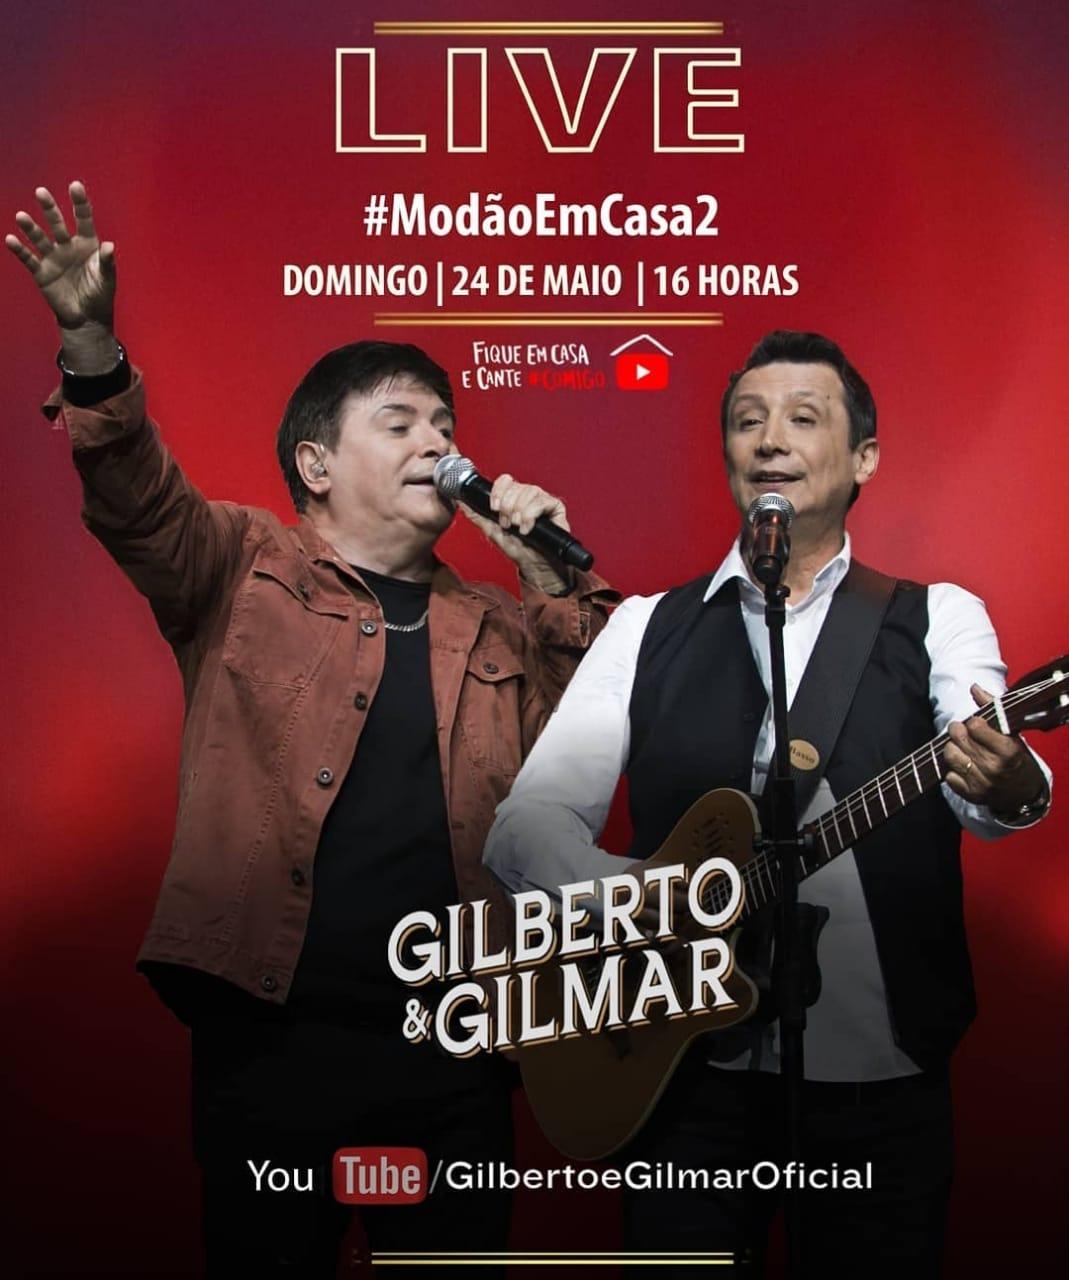 Live Gilberto e Gilmar